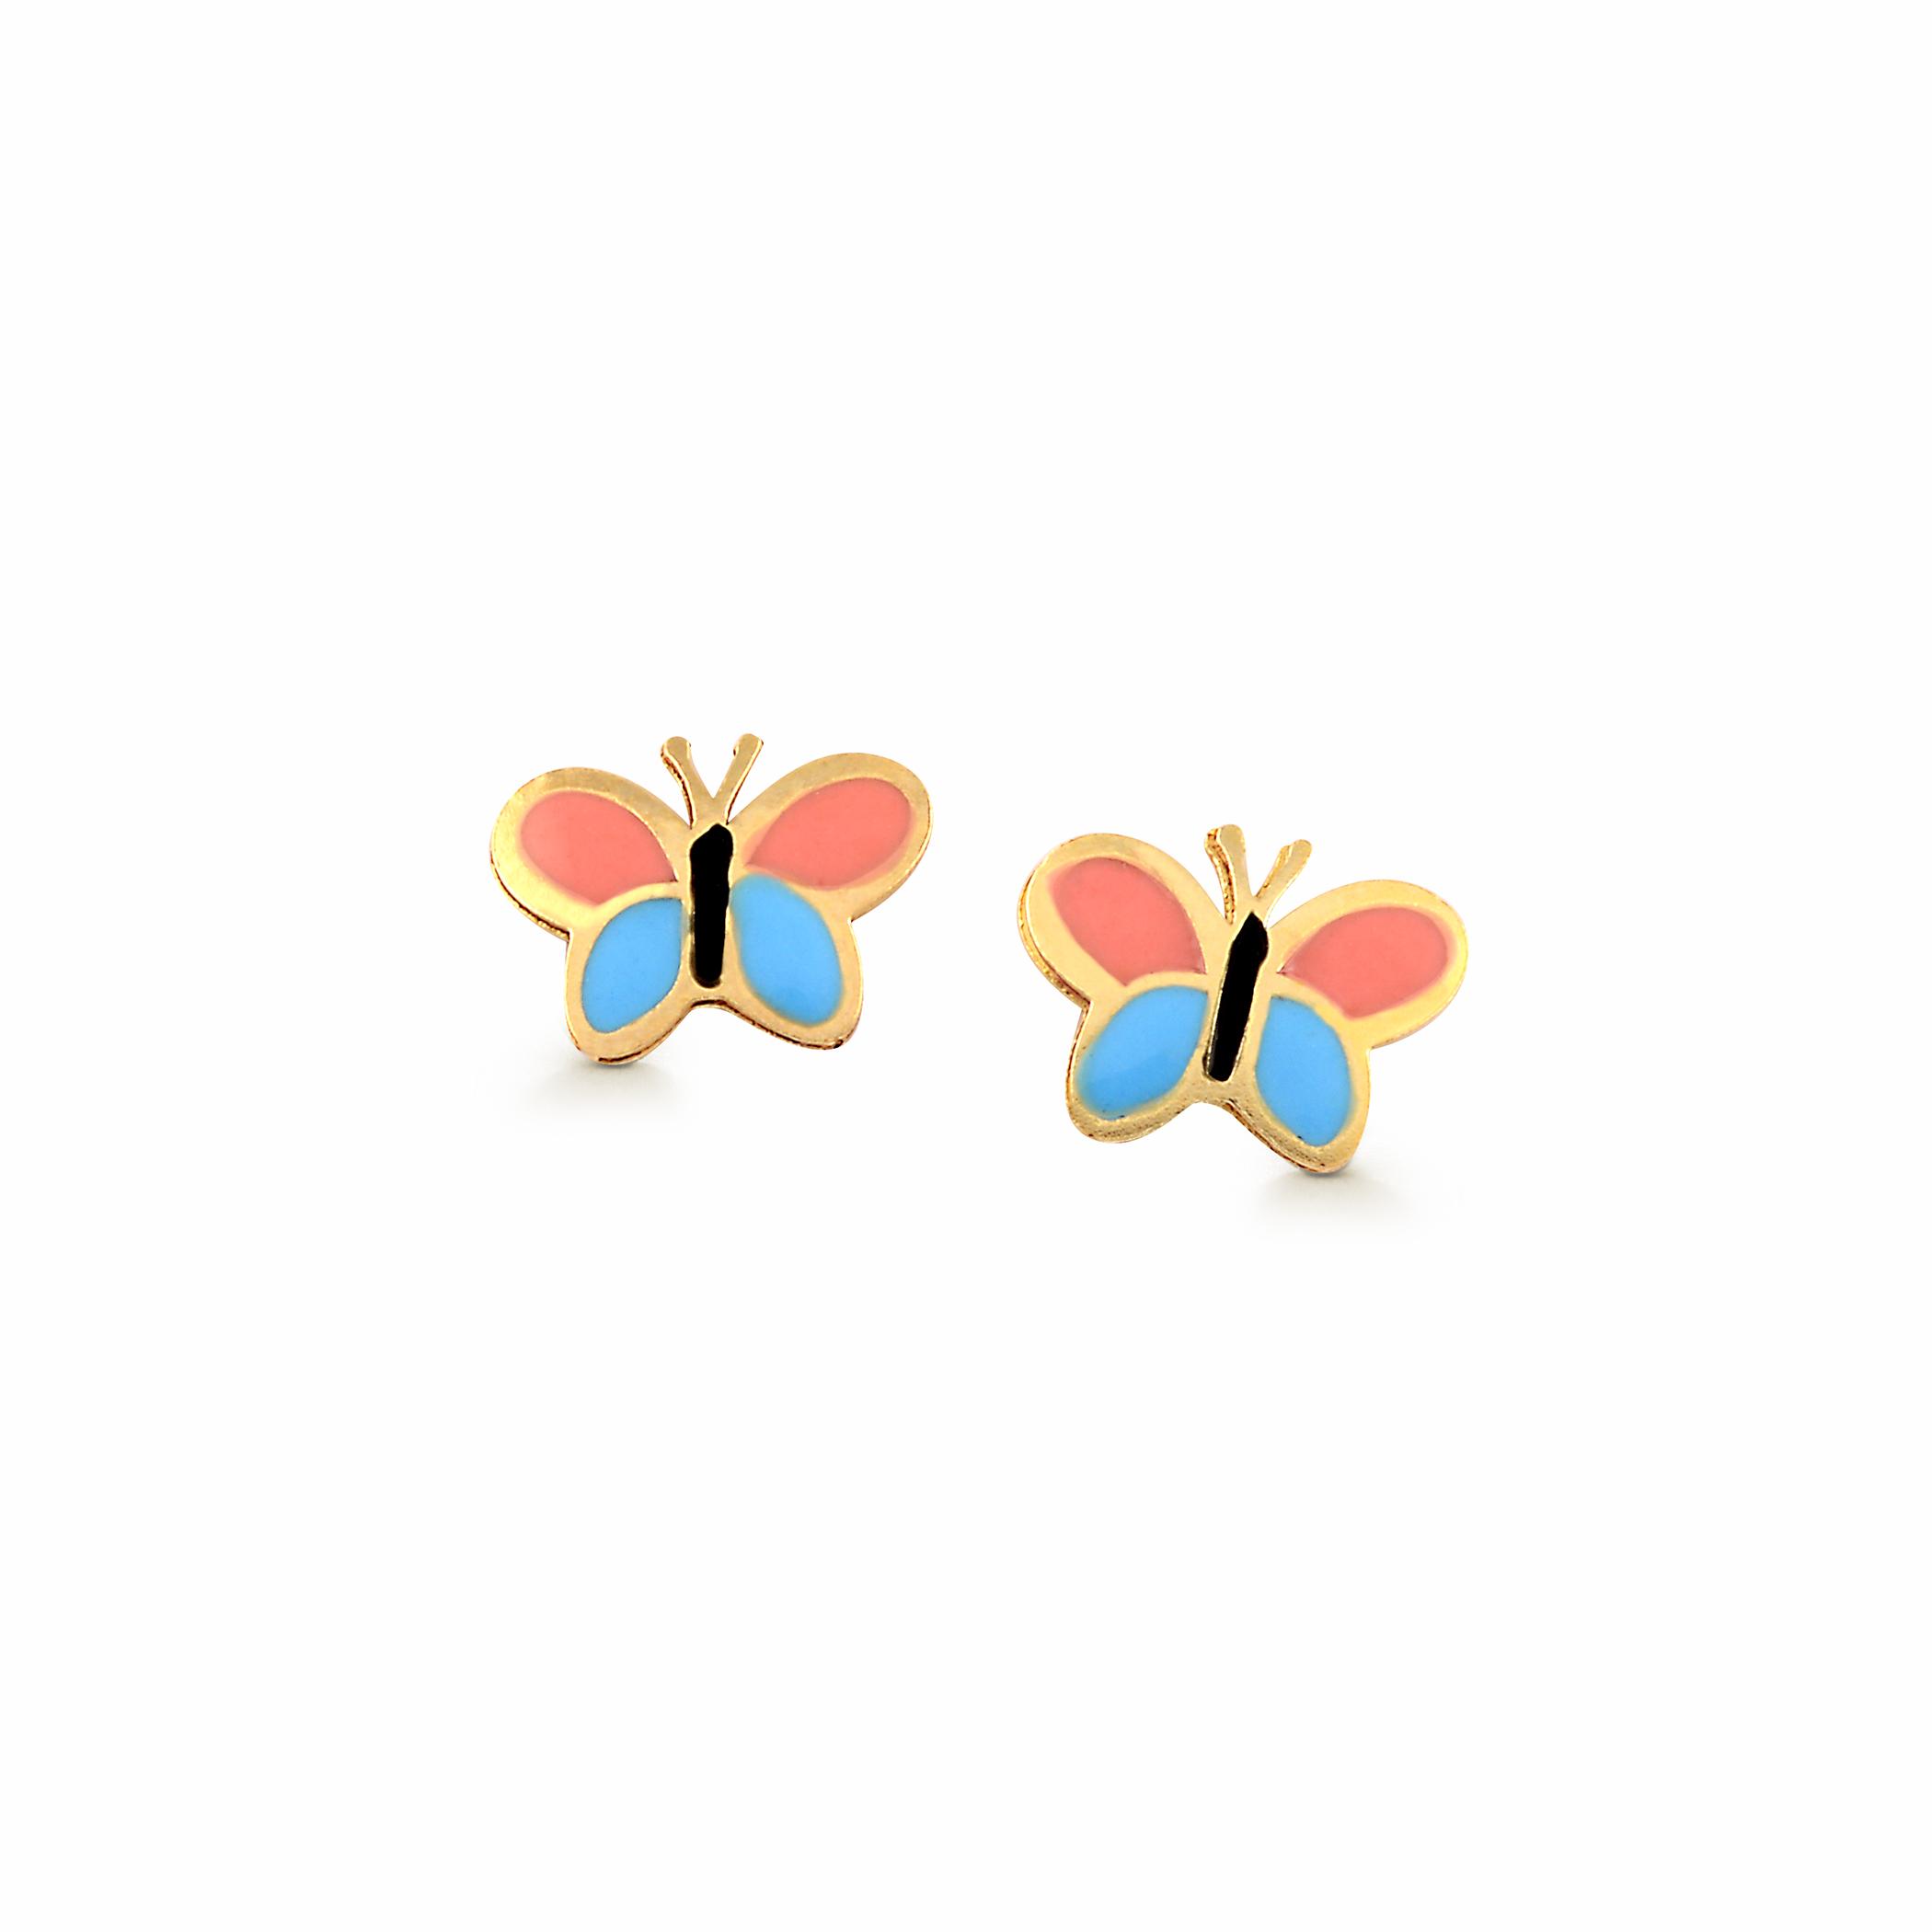 Boucles d'oreilles papillons en émail à tige fixes pour bébés/enfants - Or jaune 10K